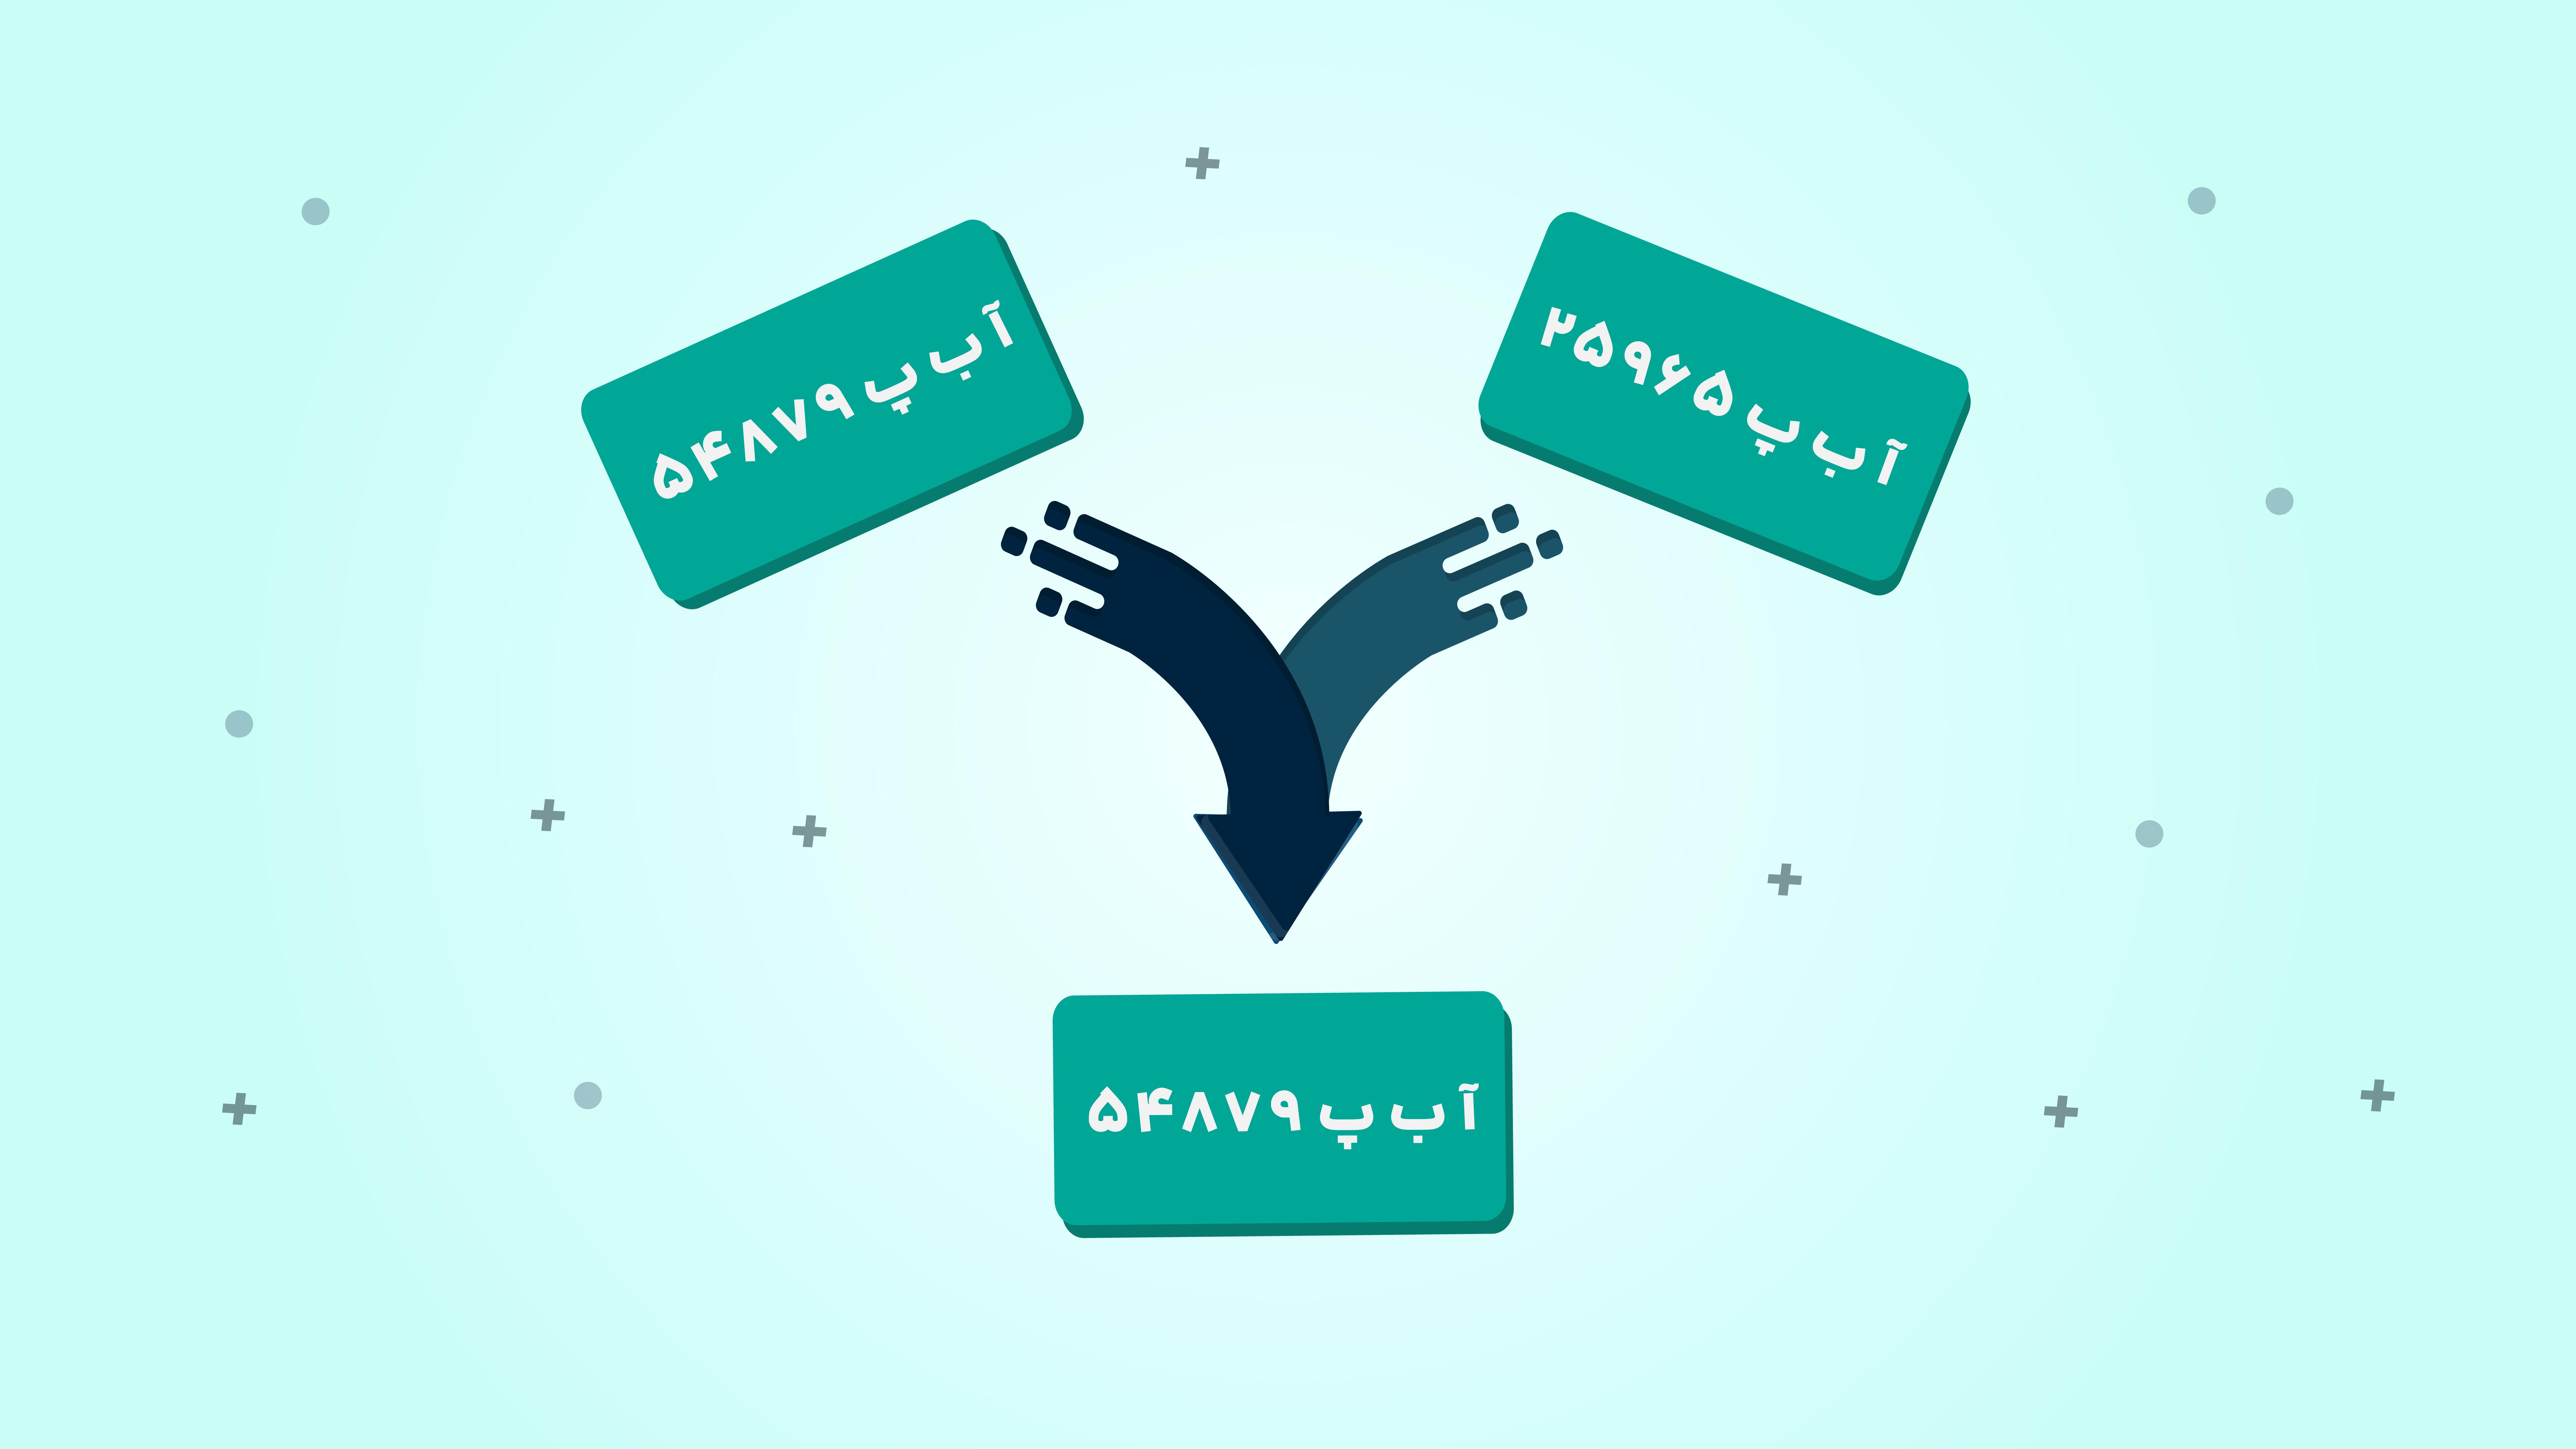 اصلاح مشخصات یا تجمیع کد بورسی